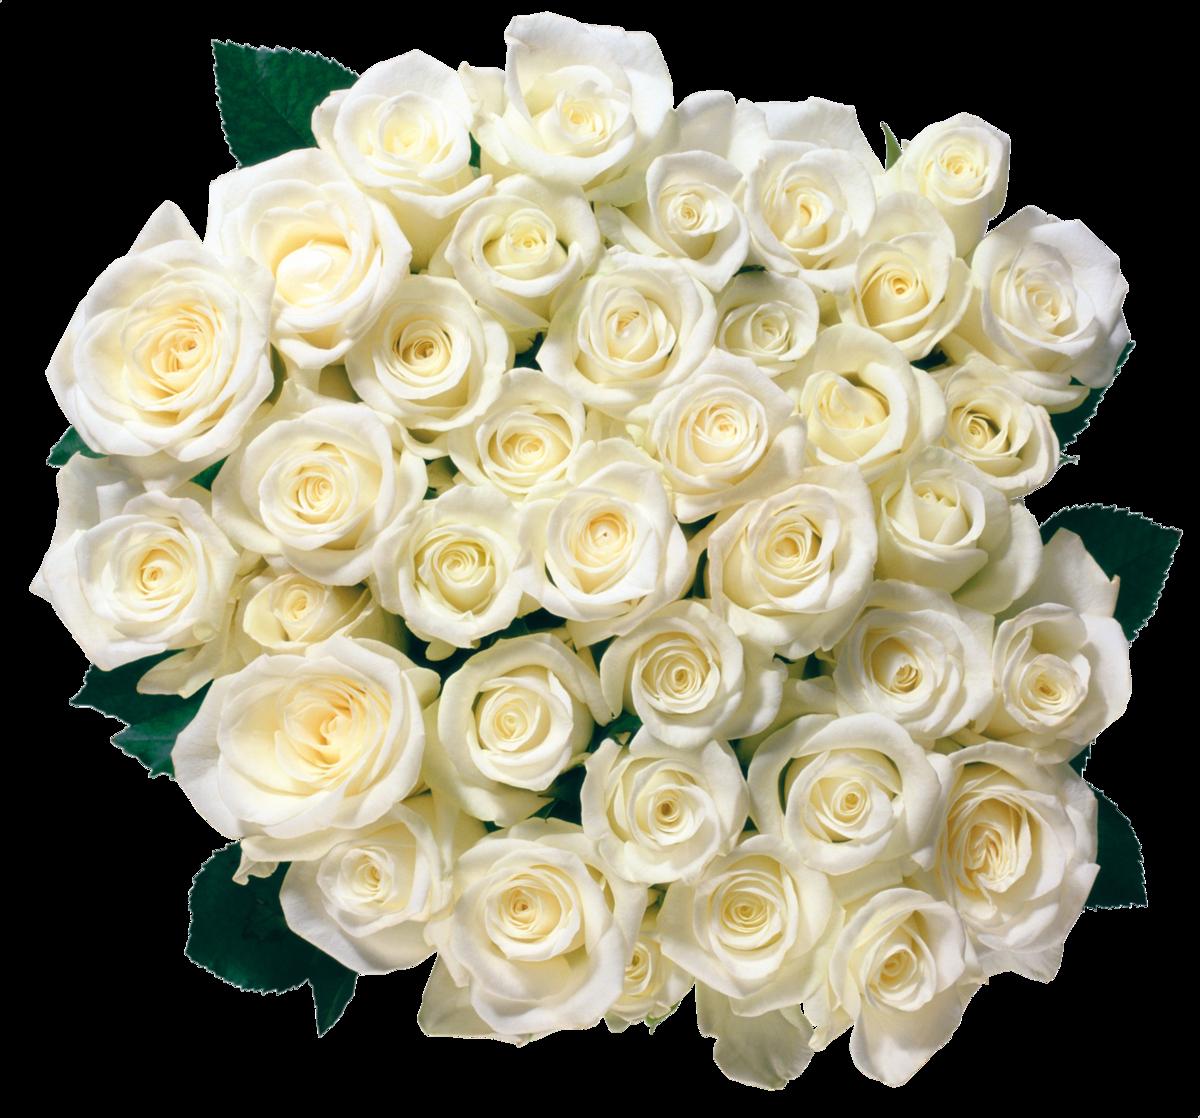 Открытки с днем рождения цветы белые розы, картинки